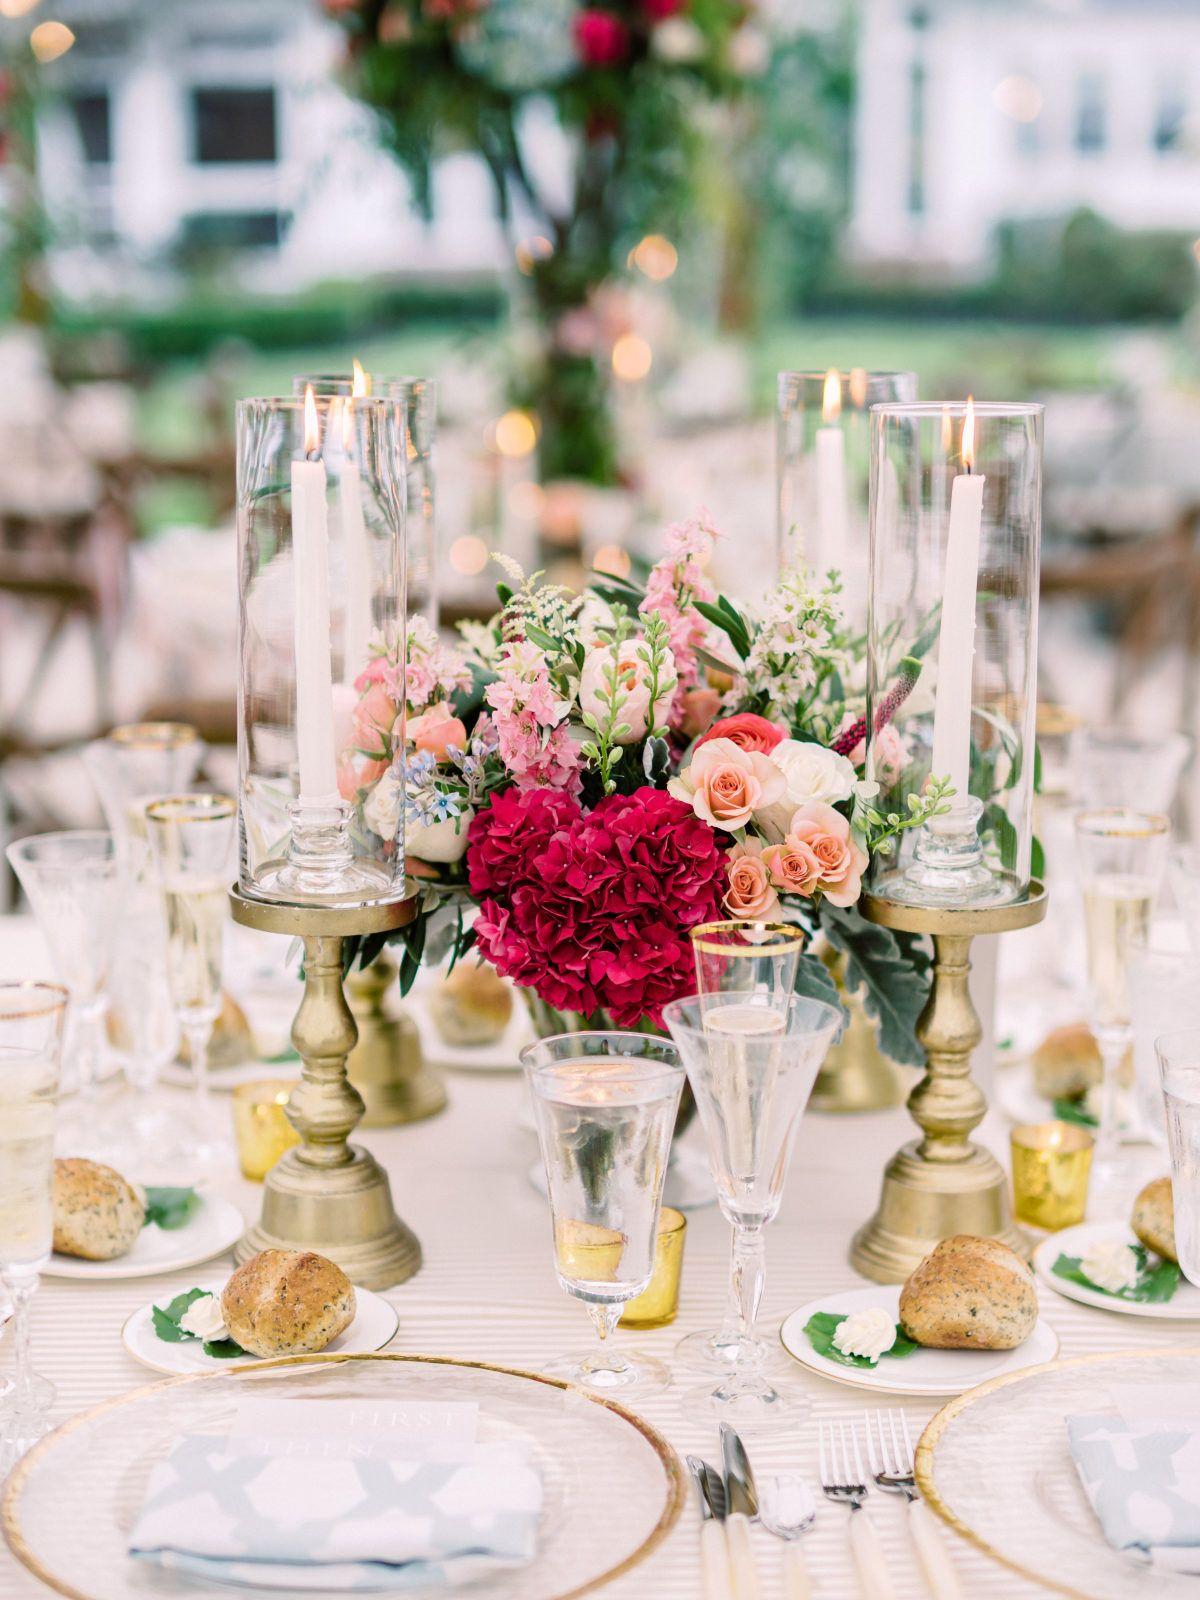 An Elegant Garden Wedding At The Bride S Family Home That Celebrates Color In 2020 Garden Wedding Wedding Diy Decor